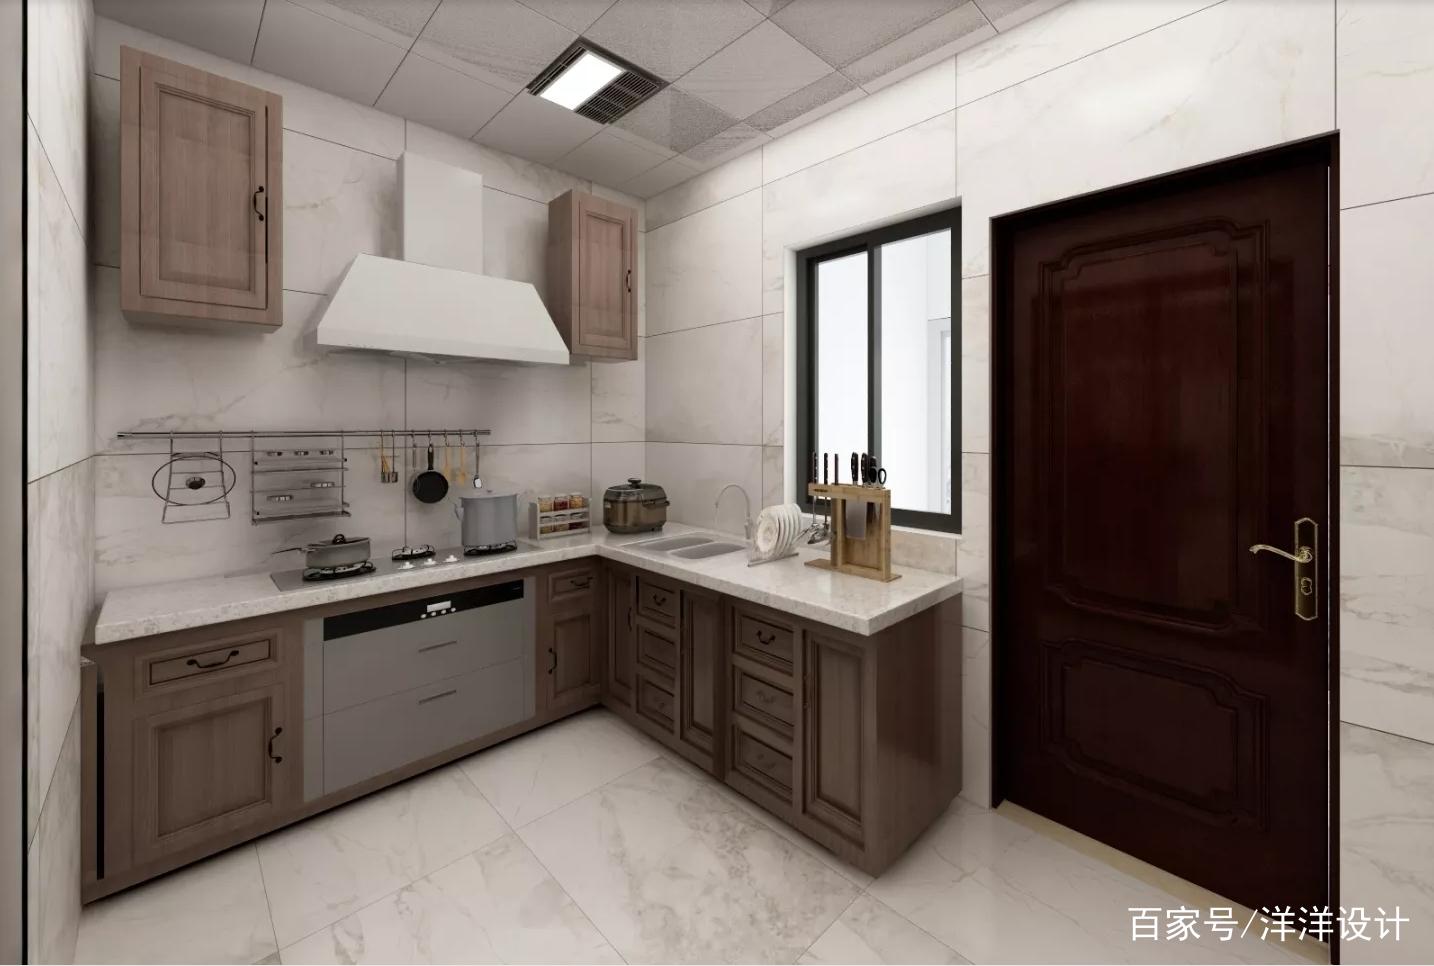 厨房效果图.橱柜使用转角设计,节省空间,台面宽敞,操作方便.